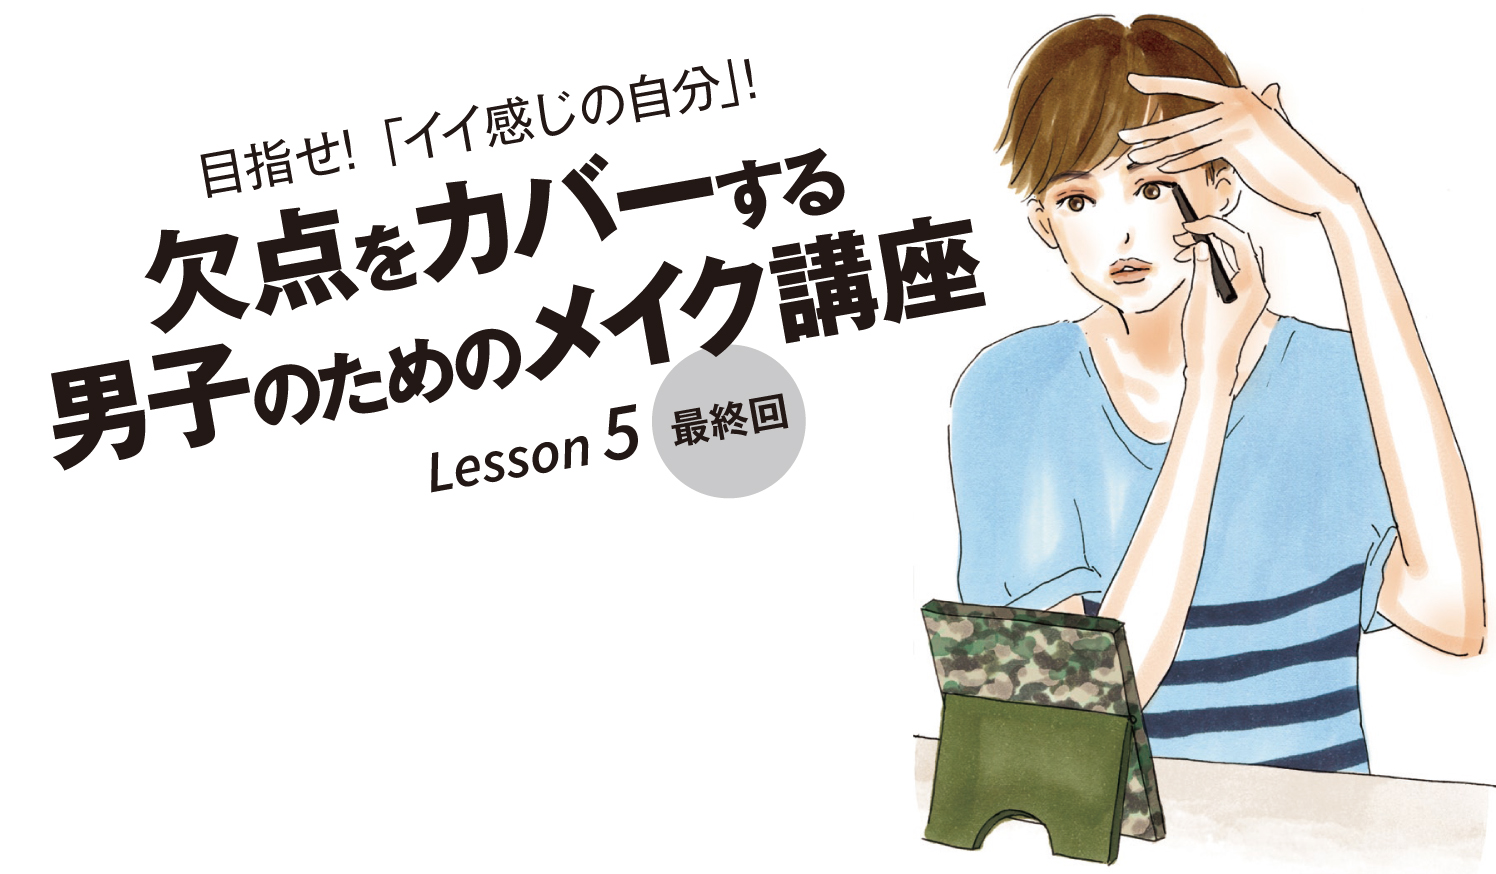 目指せ!「イイ感じの自分」! Lesson 5欠点をカバーする男子のためのメイク講座